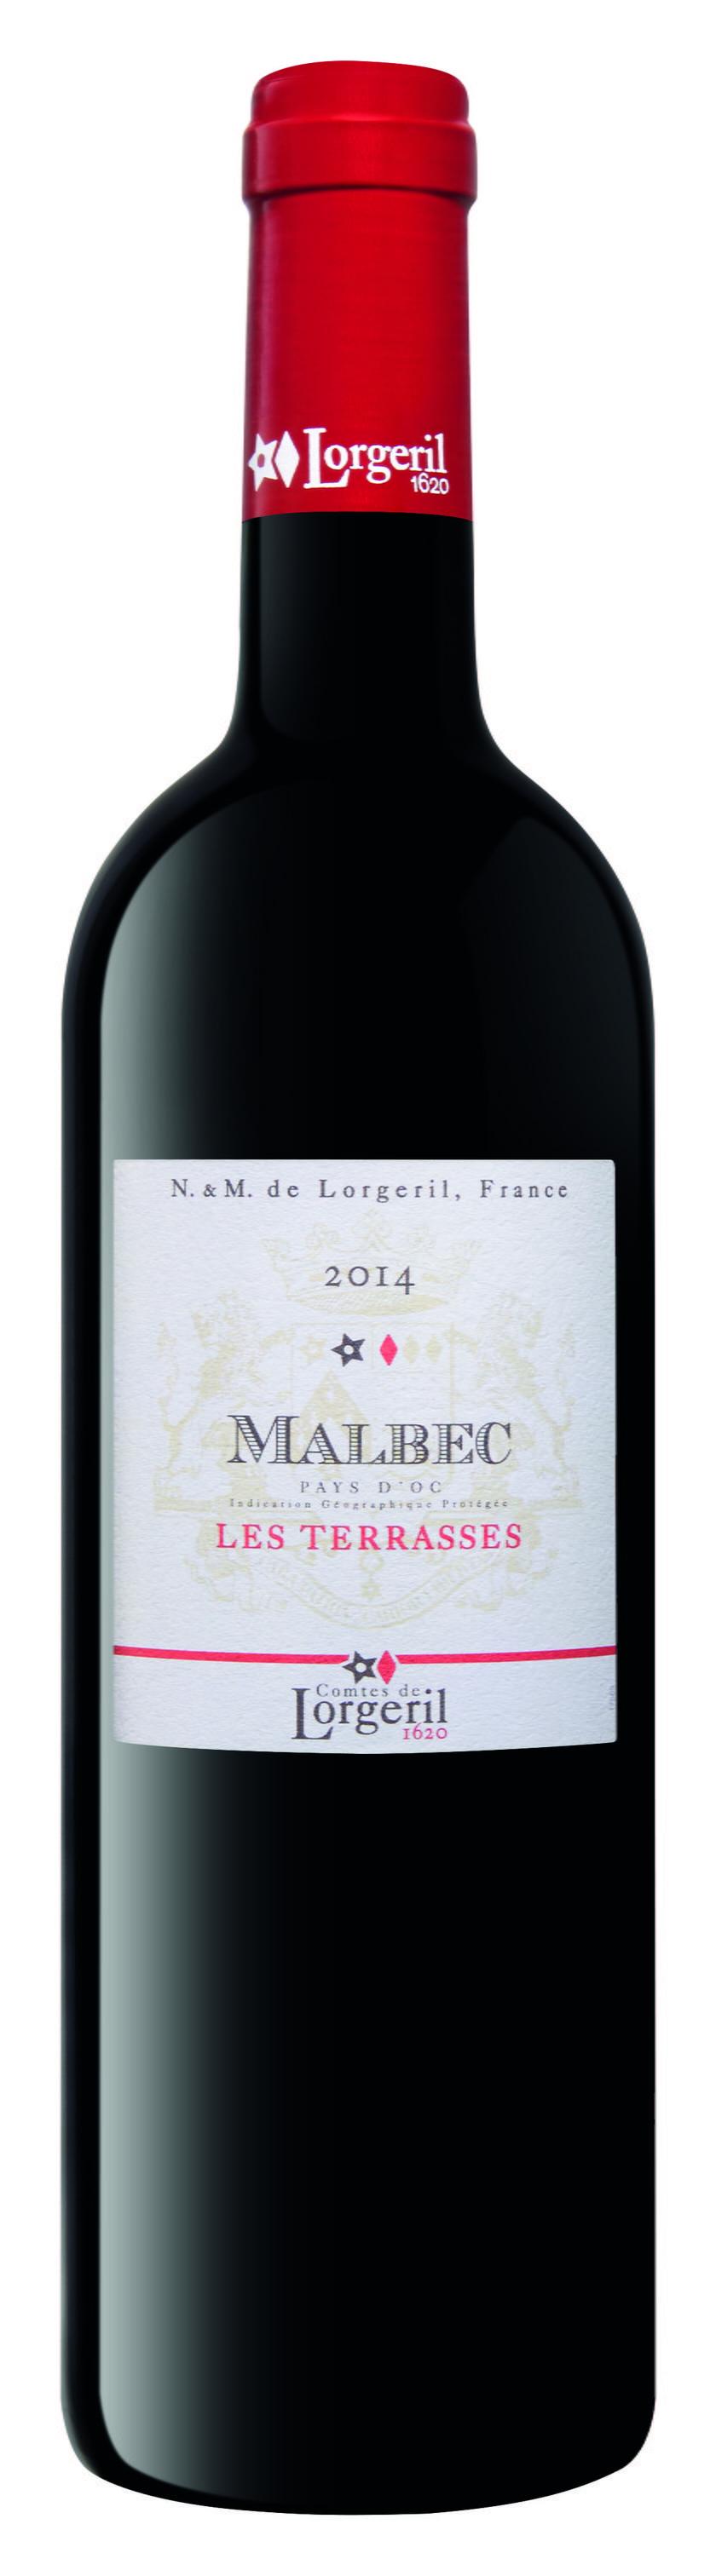 Nowe wina z Francji w Lidlu